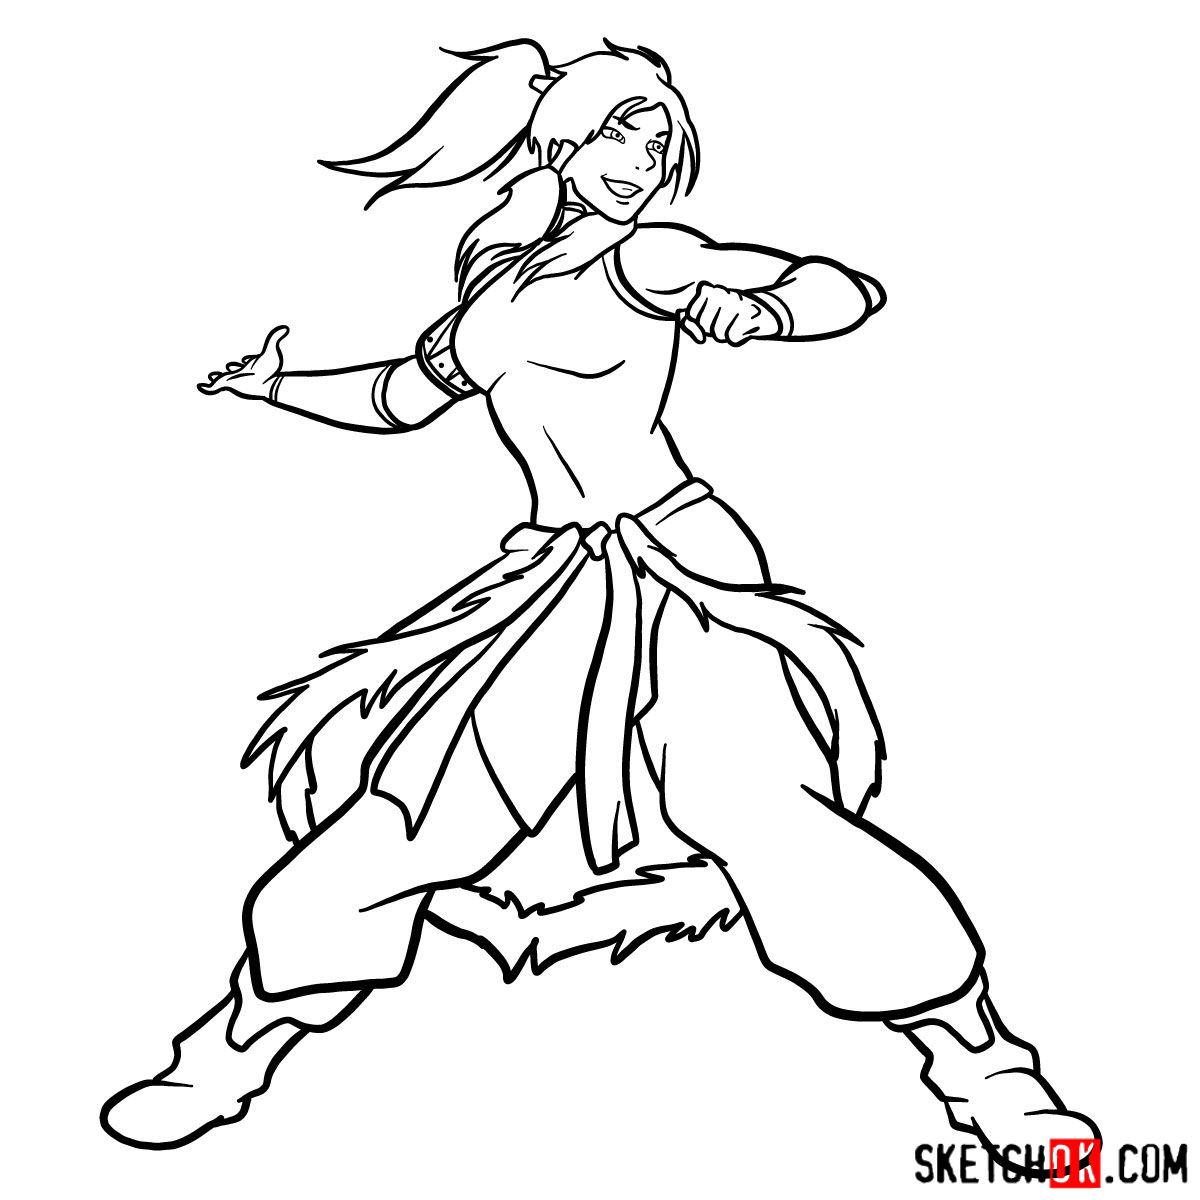 How to draw Korra - step 15